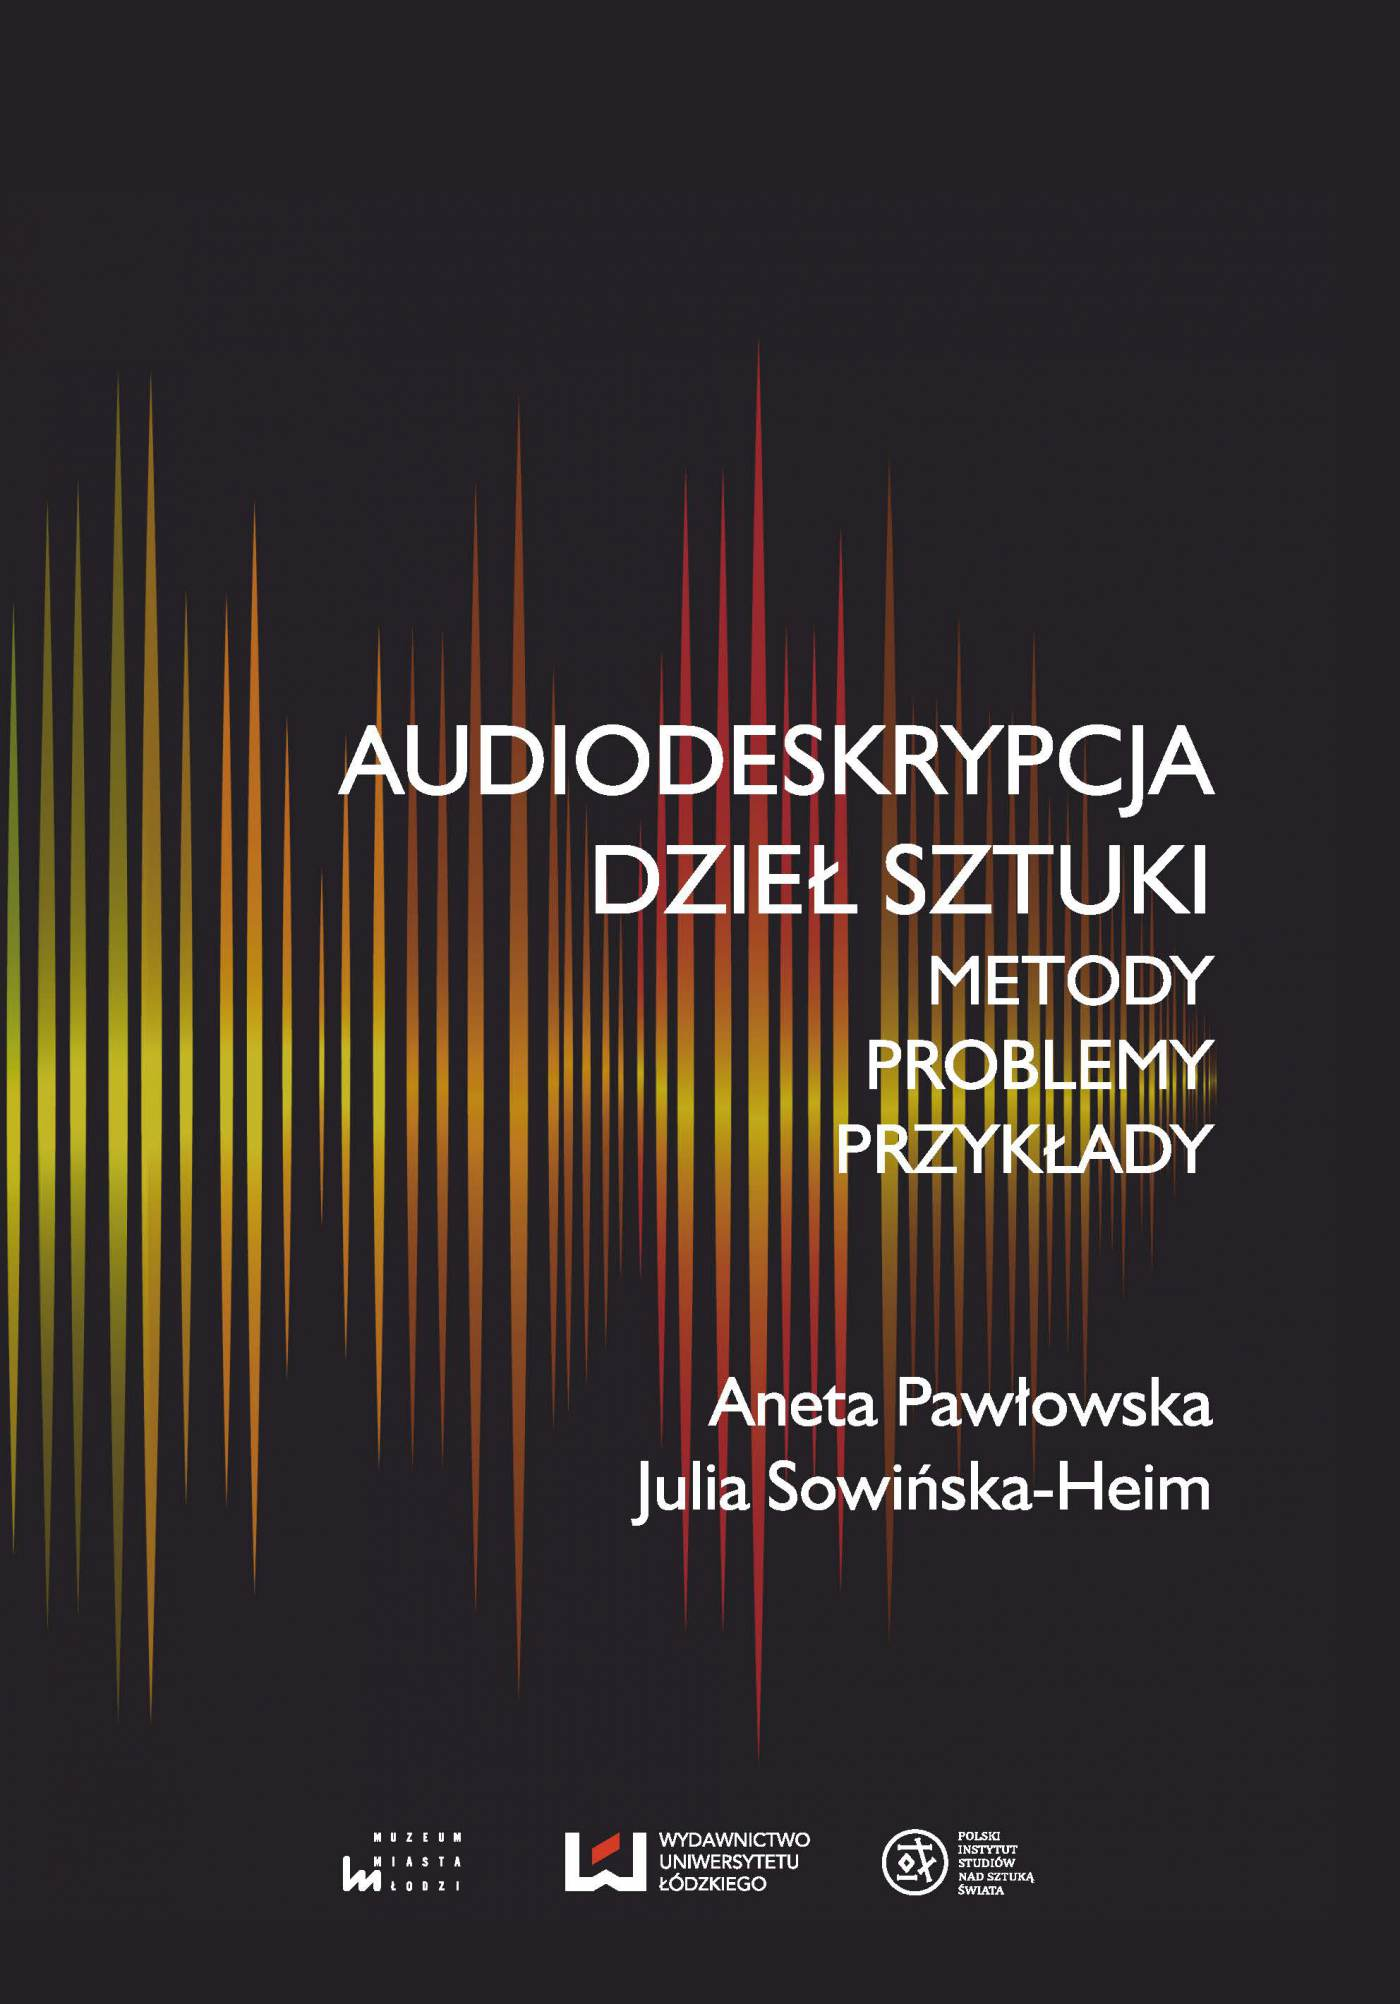 Audiodeskrypcja dzieł sztuki. Metody, problemy, przykłady - Ebook (Książka PDF) do pobrania w formacie PDF